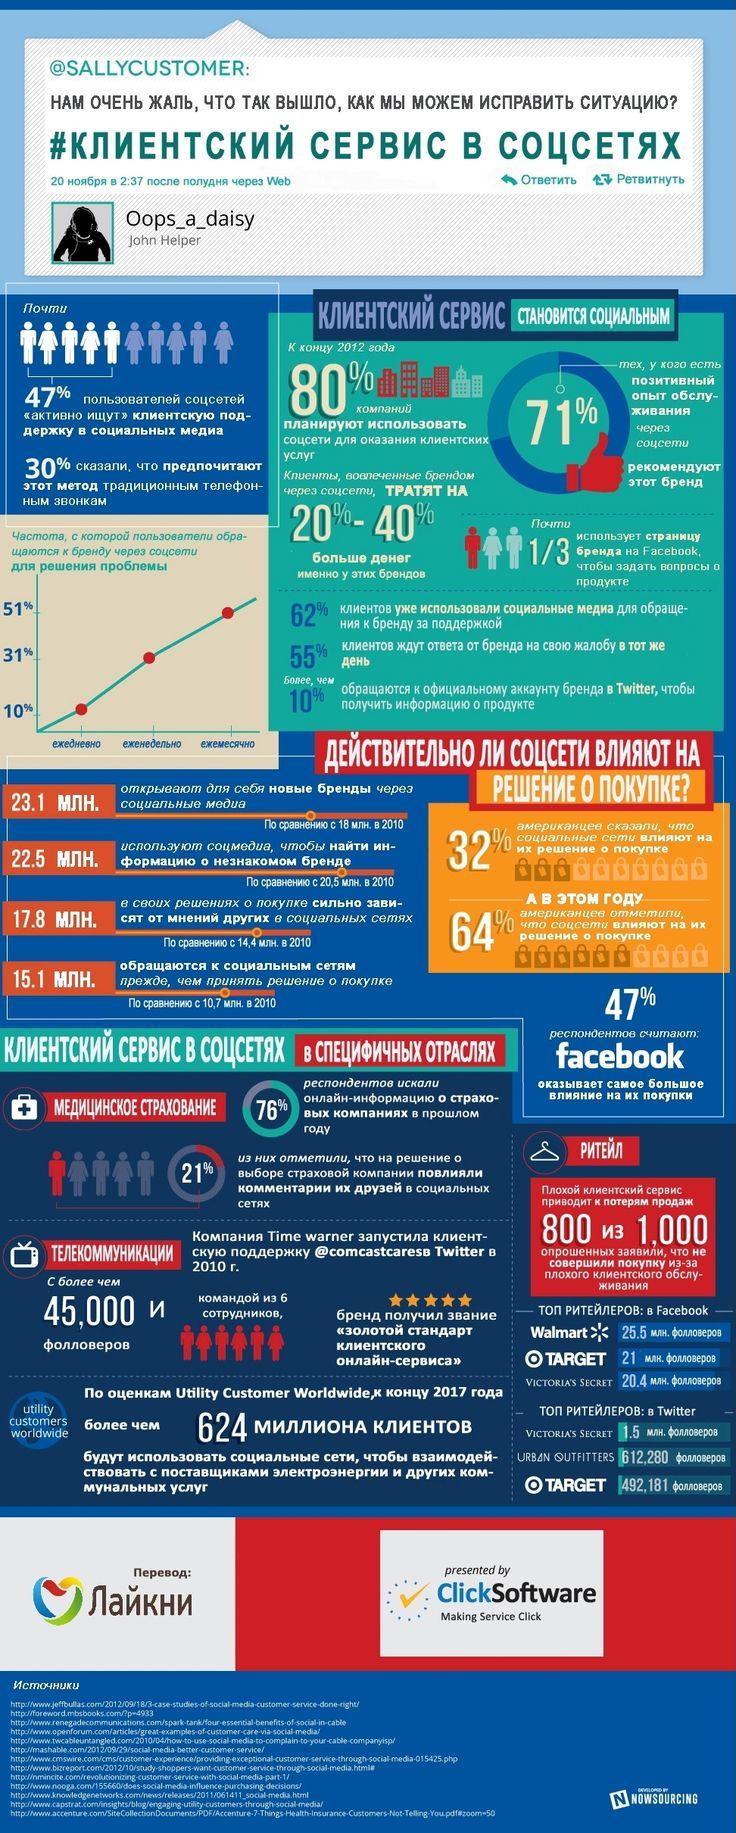 Качественная клиентская поддержка – важный элемент принятия решения о покупке и лояльности к бренду. А поскольку социальные сети становятся неотъемлемой частью нашей жизни, всё больше людей ищут поддержку бренда именно в соцсетях.    Представленная инфографика показывает, насколько выросло взаимодействие и рост обращений пользователей к брендам через социальные сети за последние 2 года.